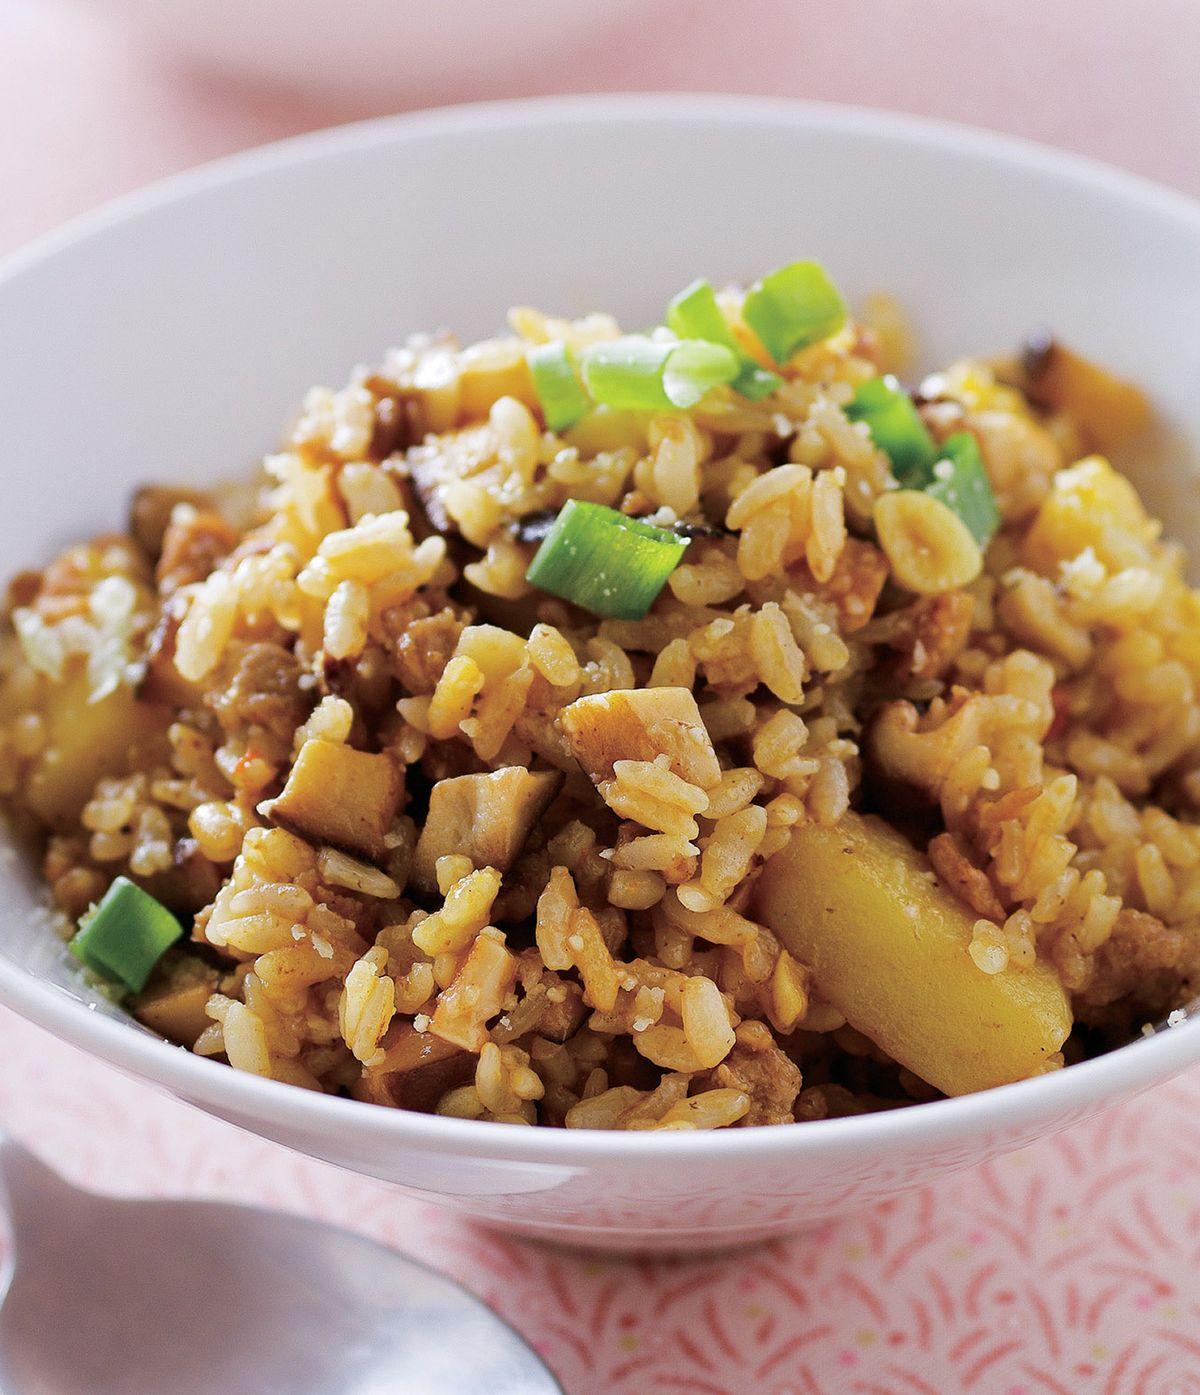 食譜:香菇滷肉燉飯